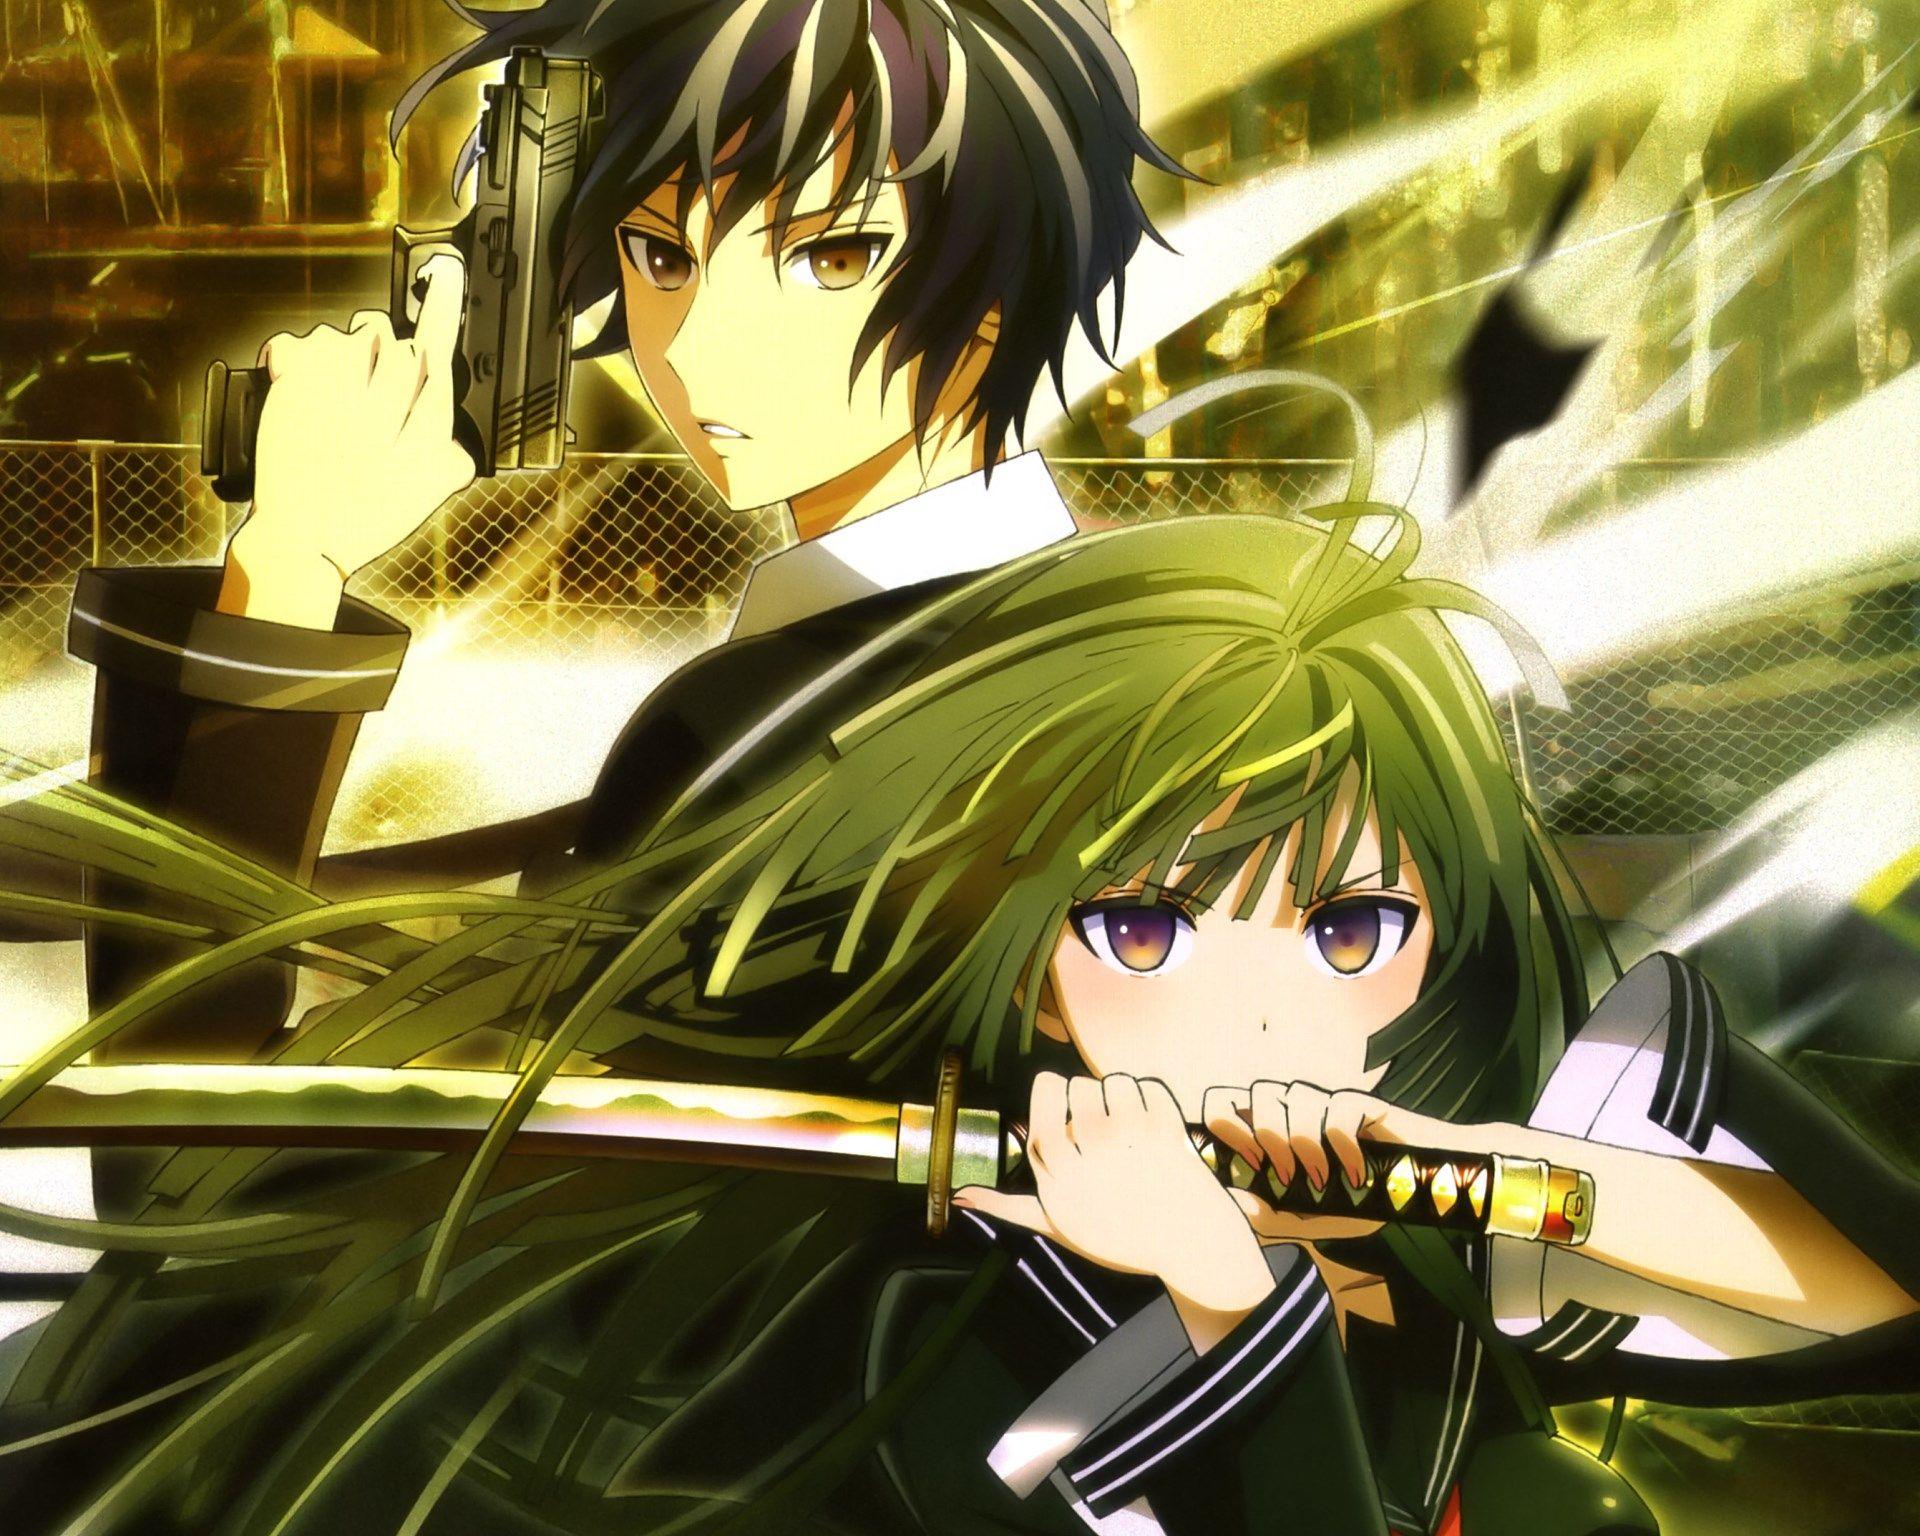 rentaro satomi and kisara tendo. | anime | pinterest | bullet, anime